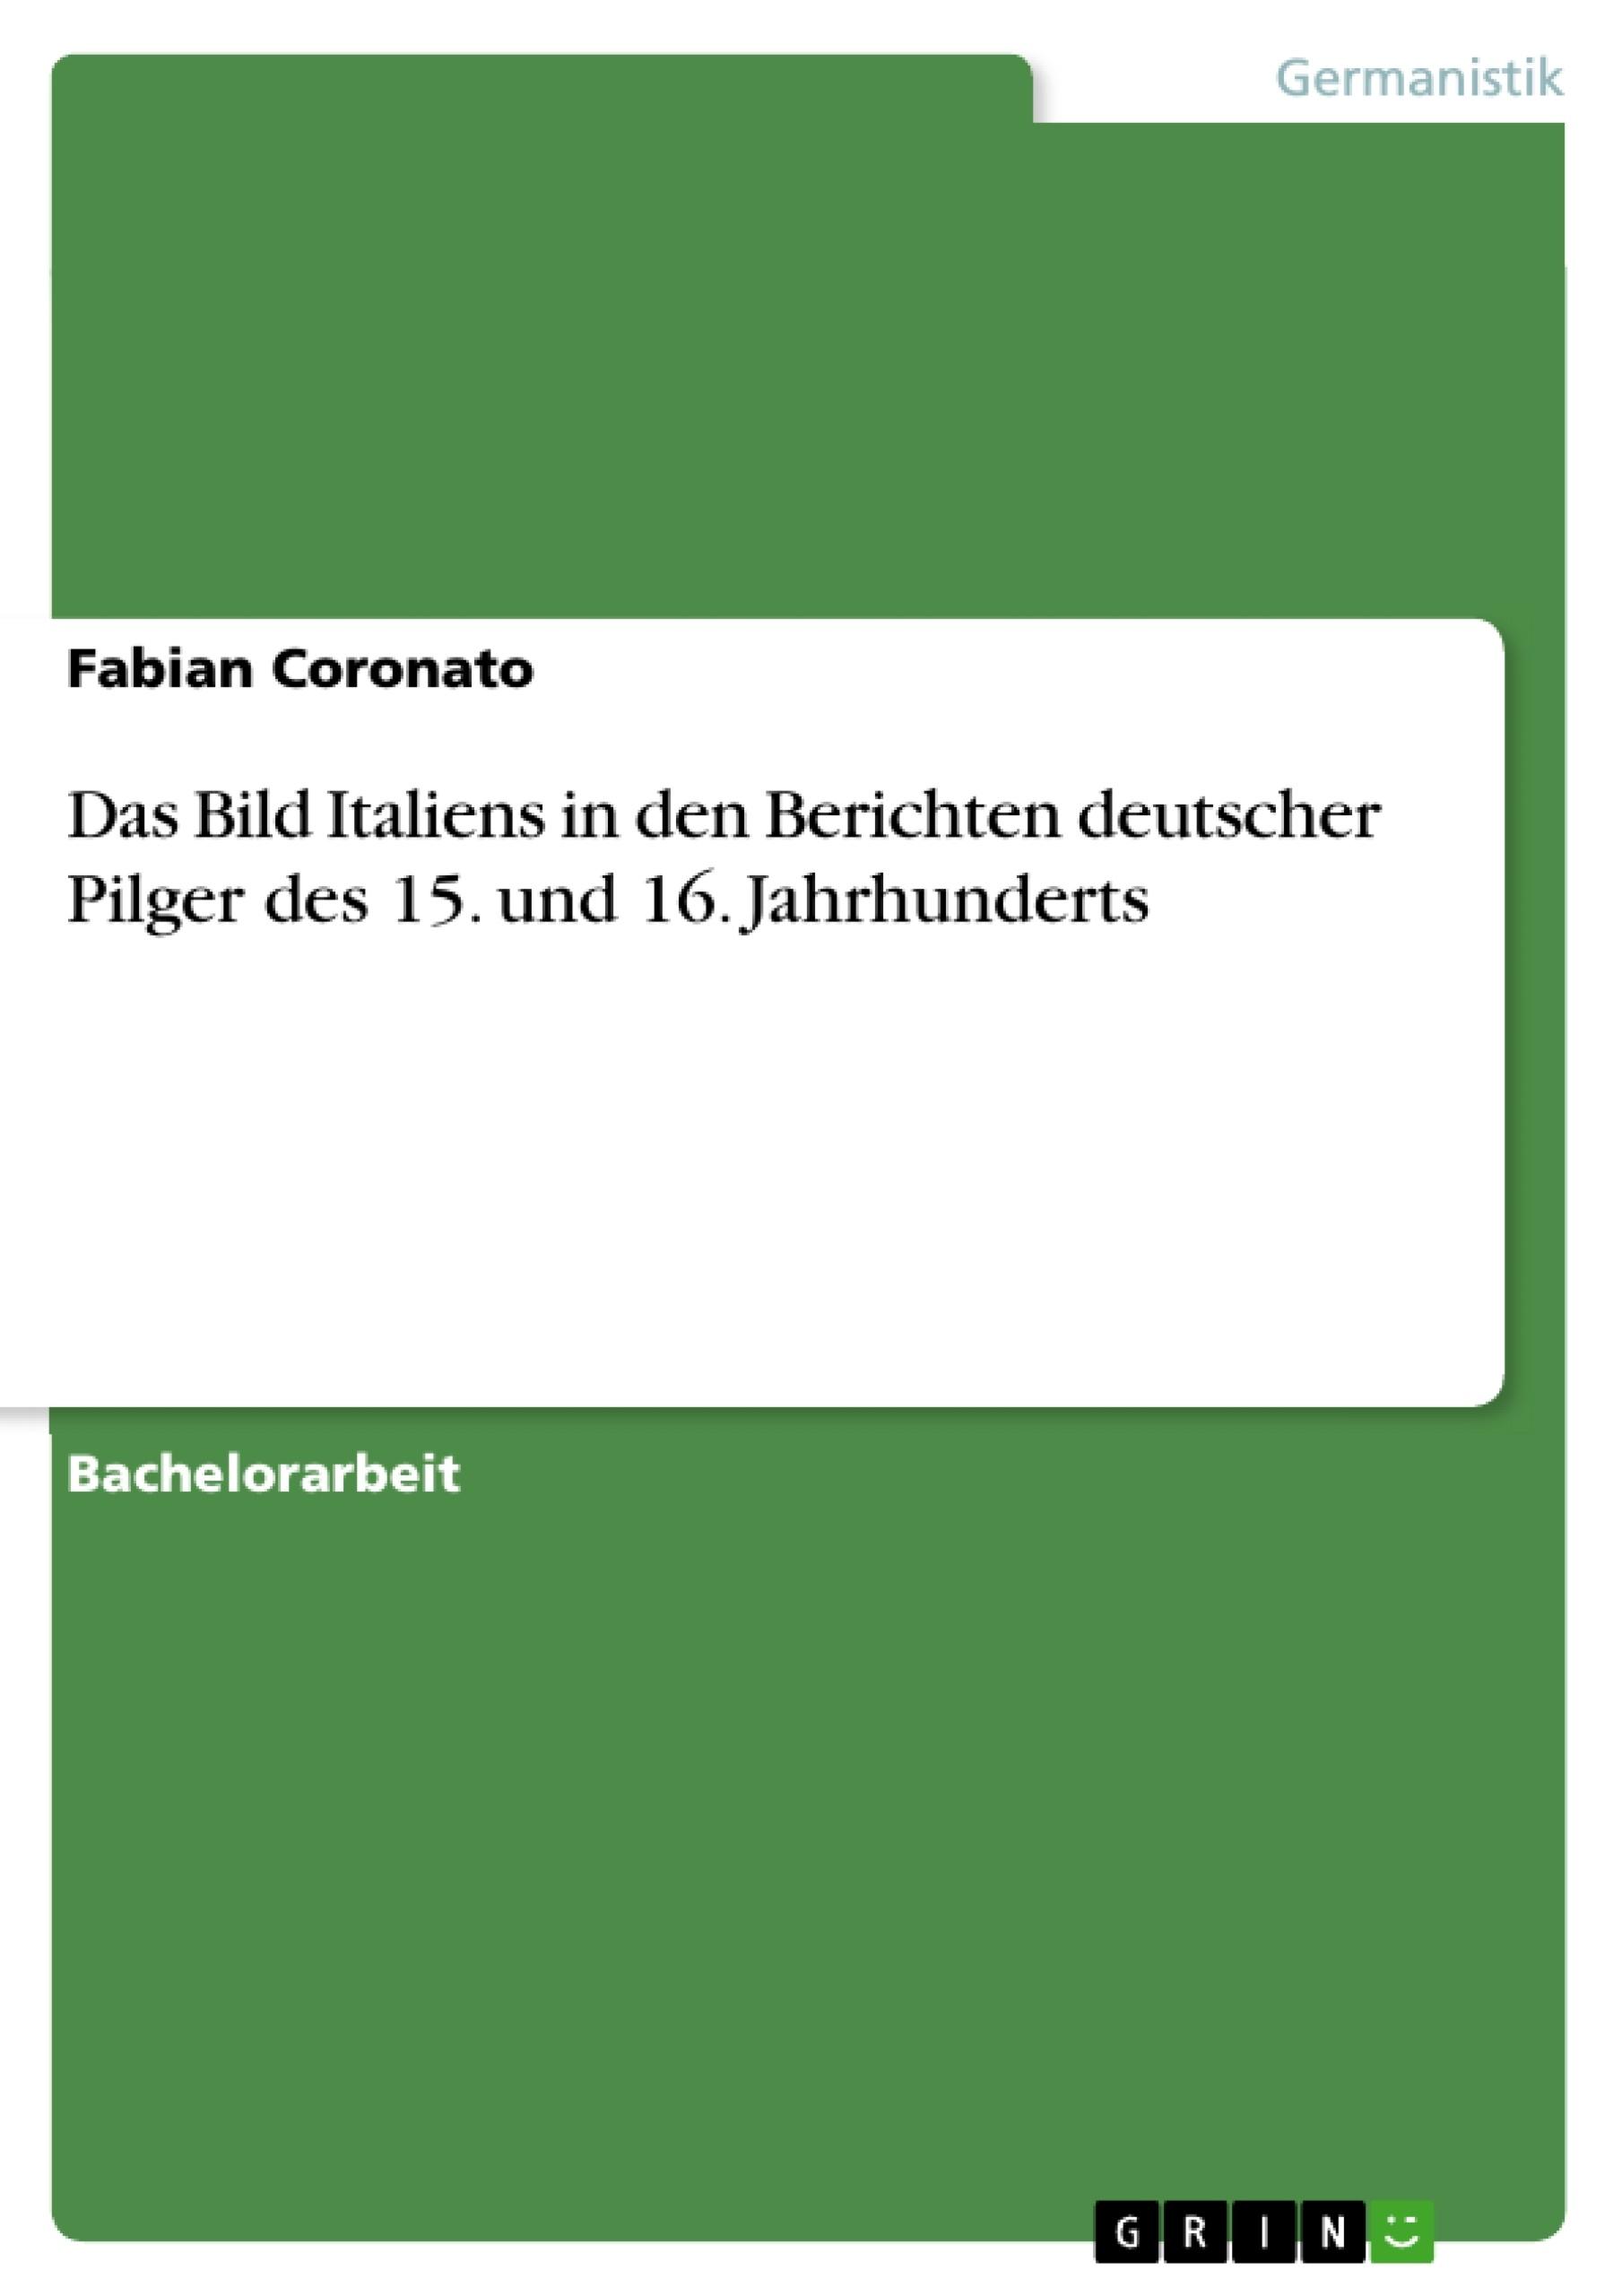 Titel: Das Bild Italiens in den Berichten deutscher Pilger des 15. und 16. Jahrhunderts